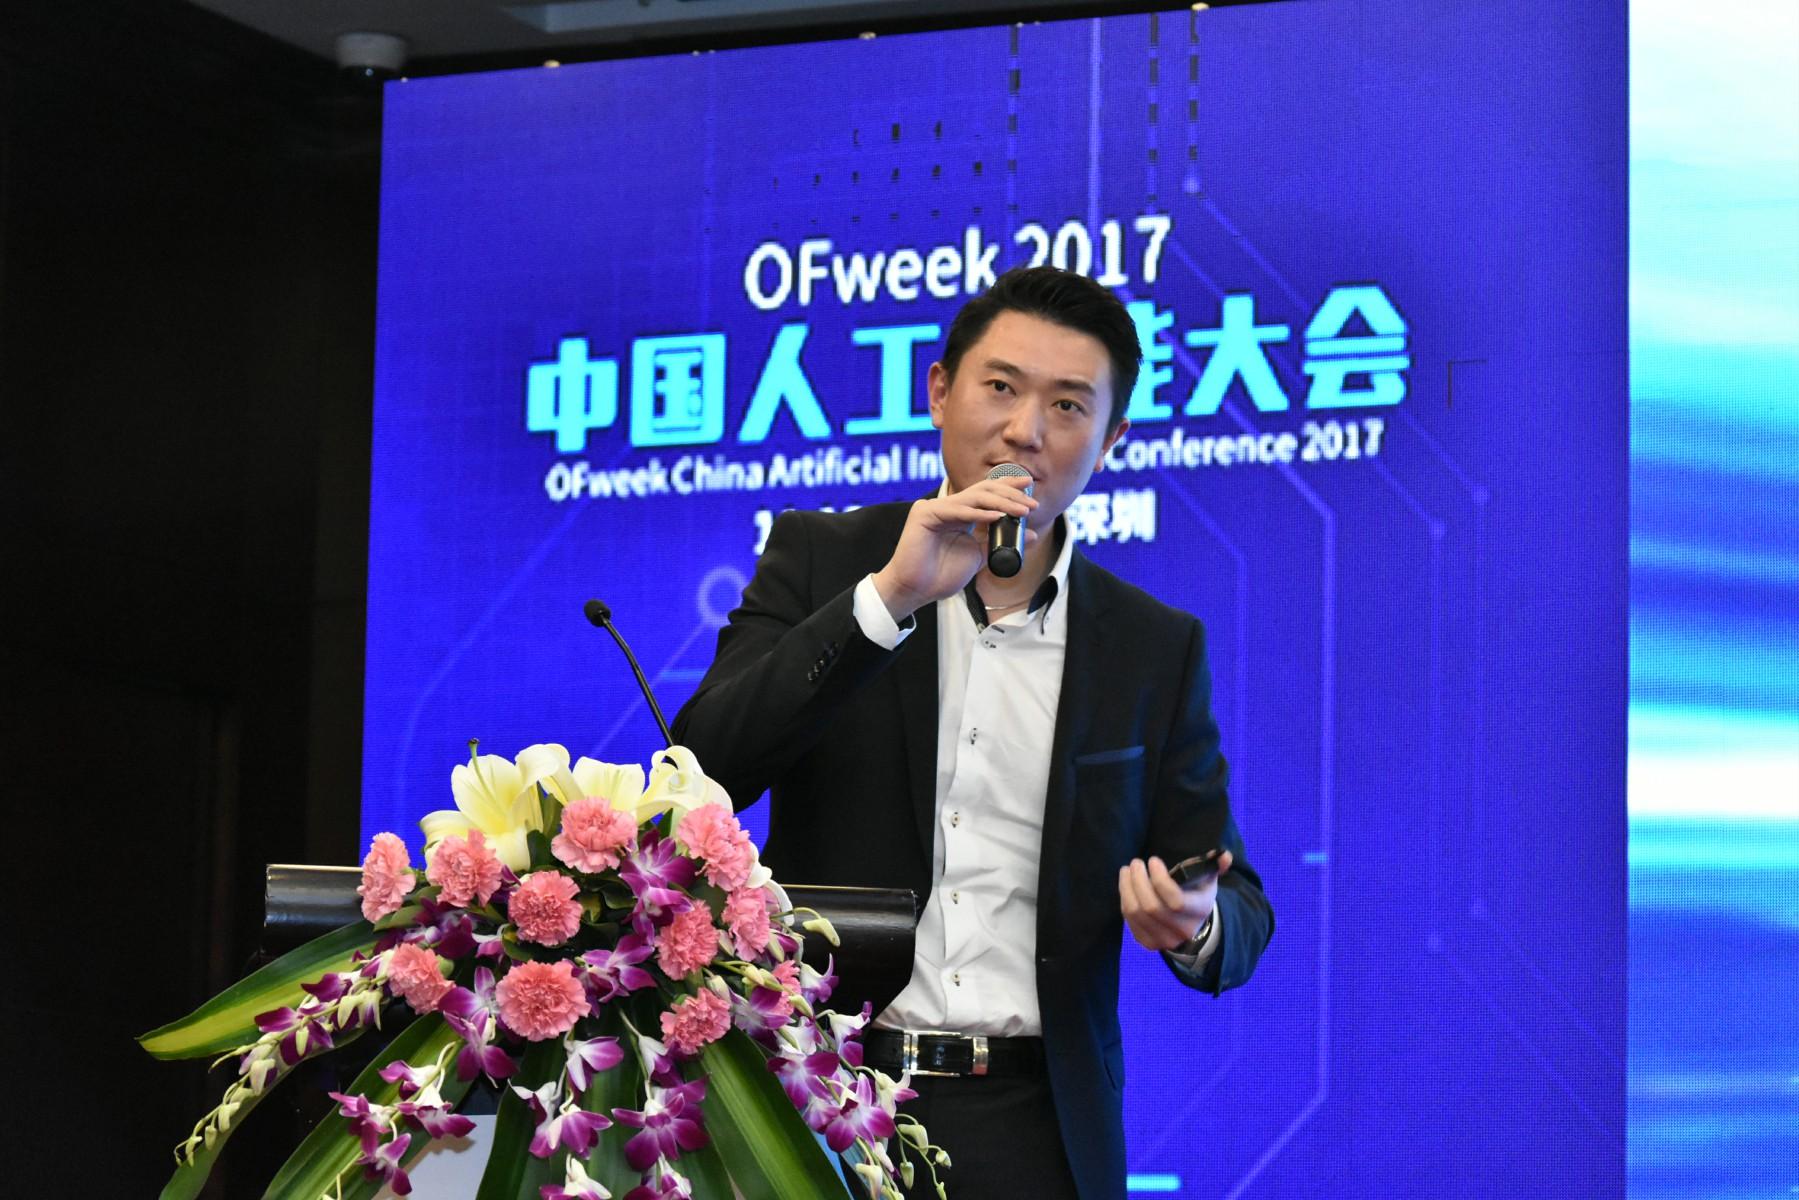 康力优蓝赵博韬:服务机器人产业现状及趋势分析